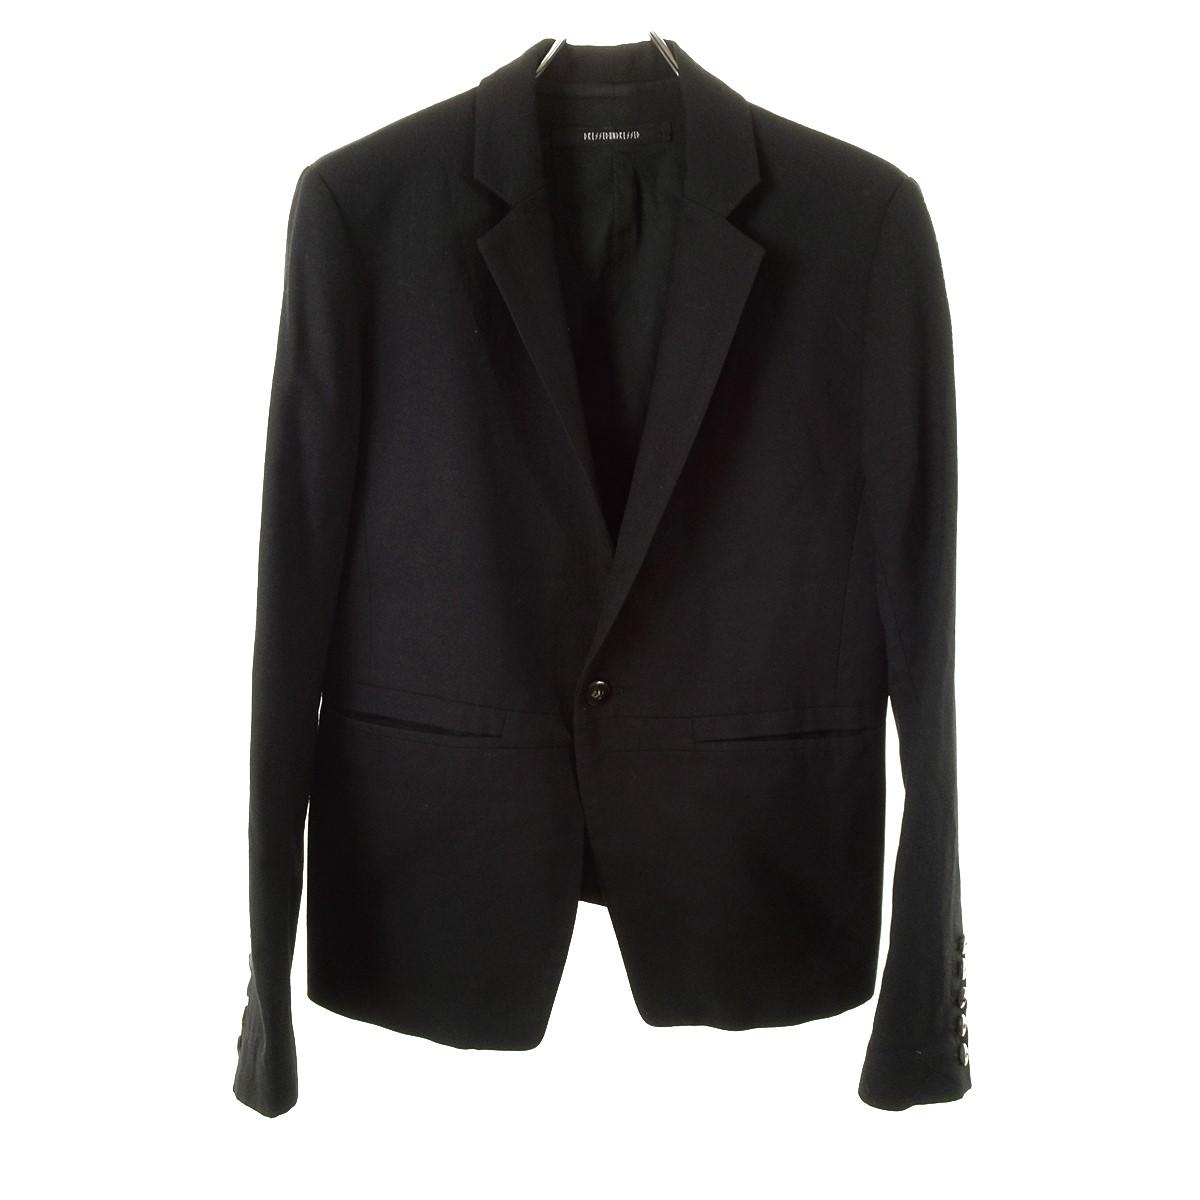 【中古】DRESSEDUNDRESSED テーラードジャケット ブラック サイズ:3 【110320】(ドレスドアンドレスド)